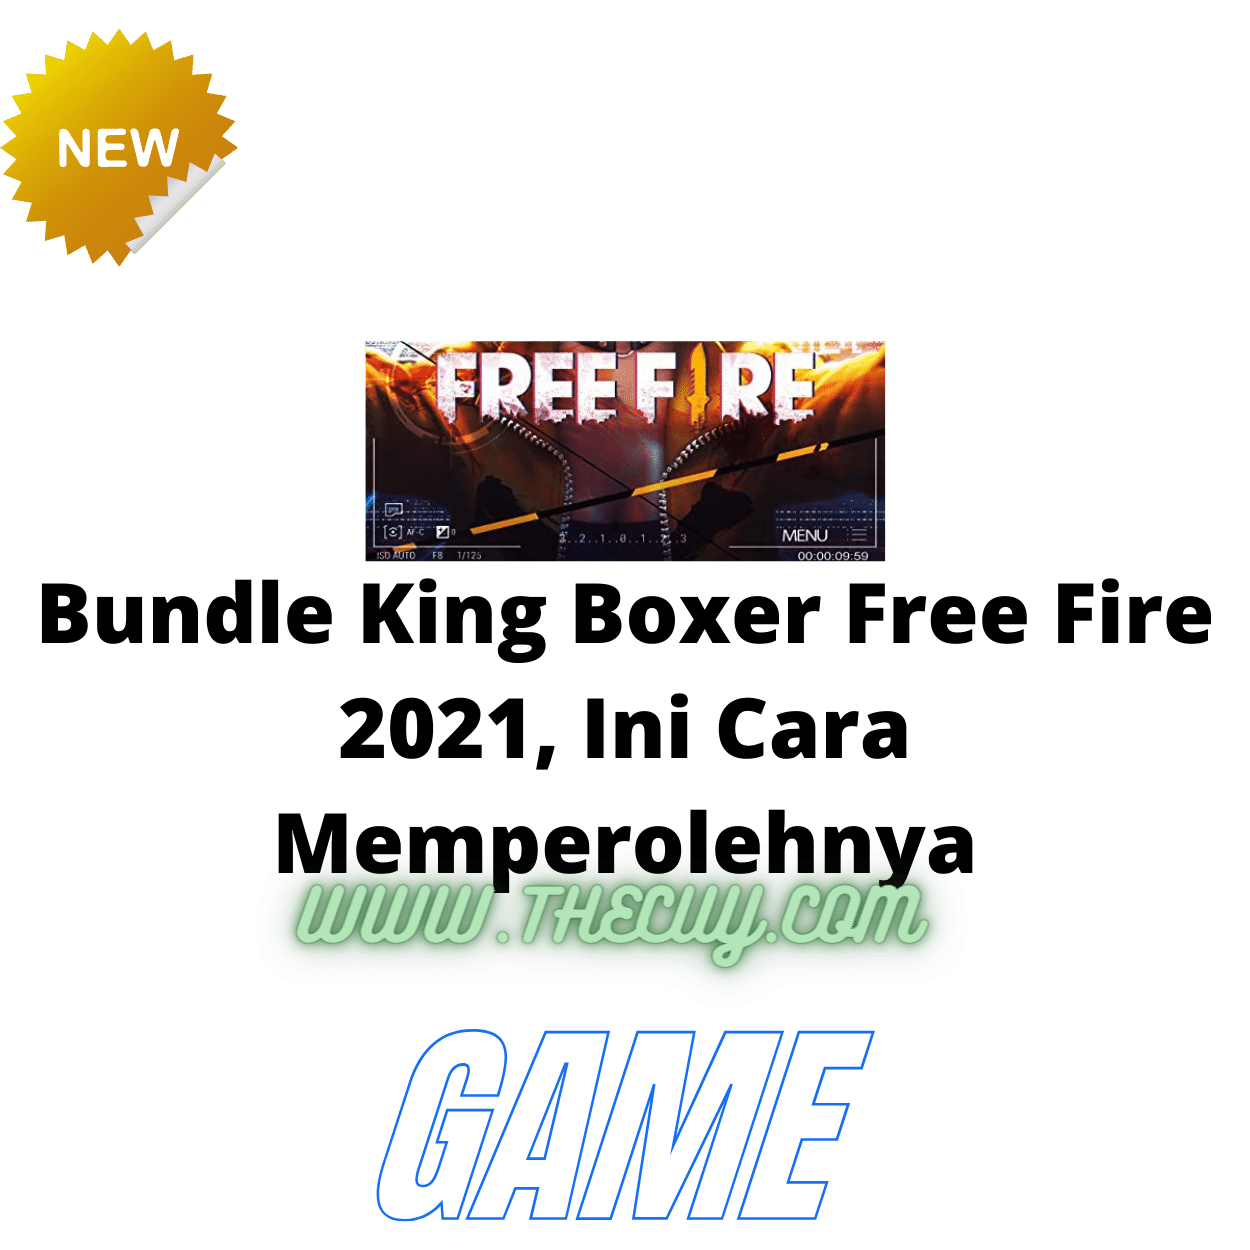 Bundle King Boxer Free Fire 2021, Ini Cara Memperolehnya